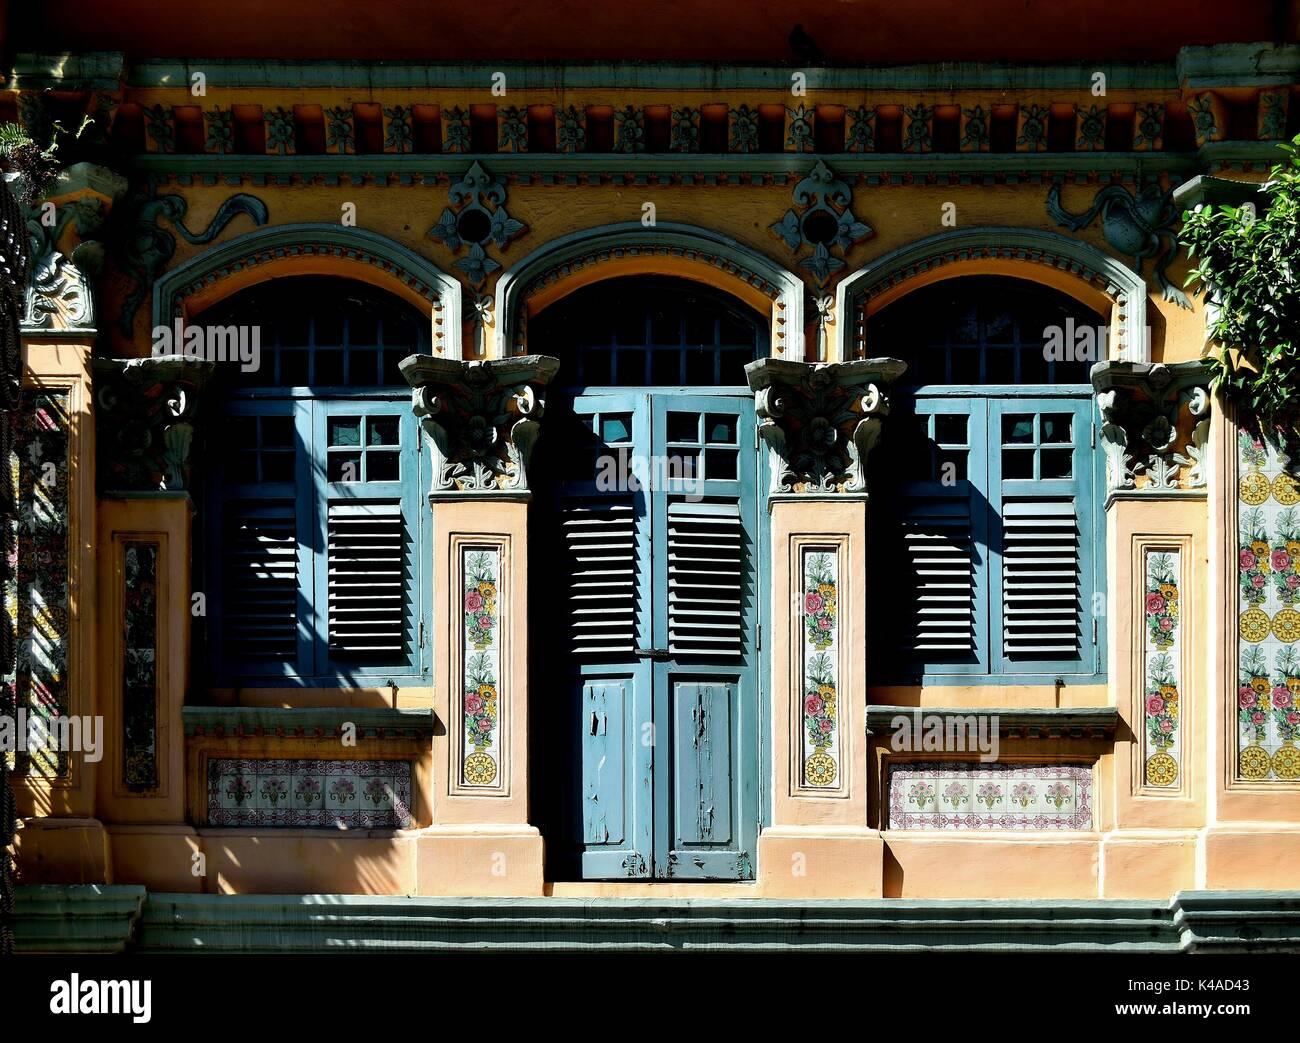 Traditionelle Shop Haus Mit Blauen Fensterläden, Bogenfenster Und Original  Chinesischer Fliesen In Singapurs Historischen Viertel Little India